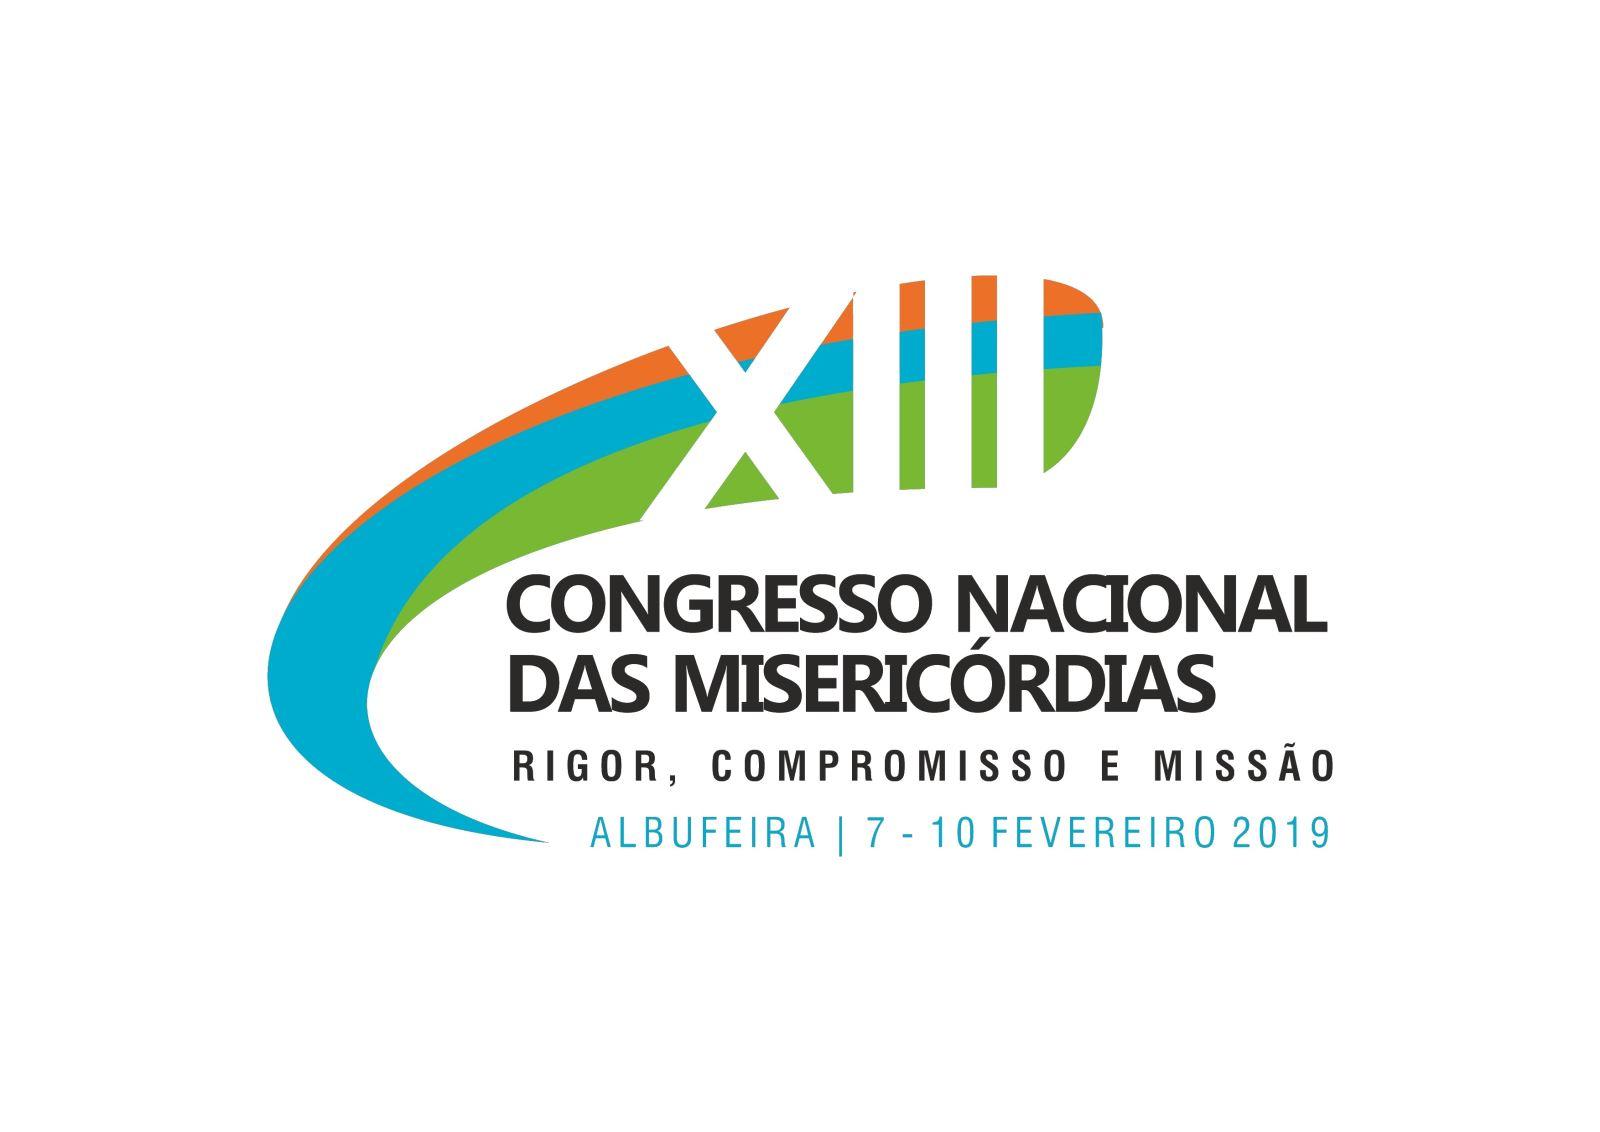 Conclusões do XIII Congresso Nacional das Misericórdias